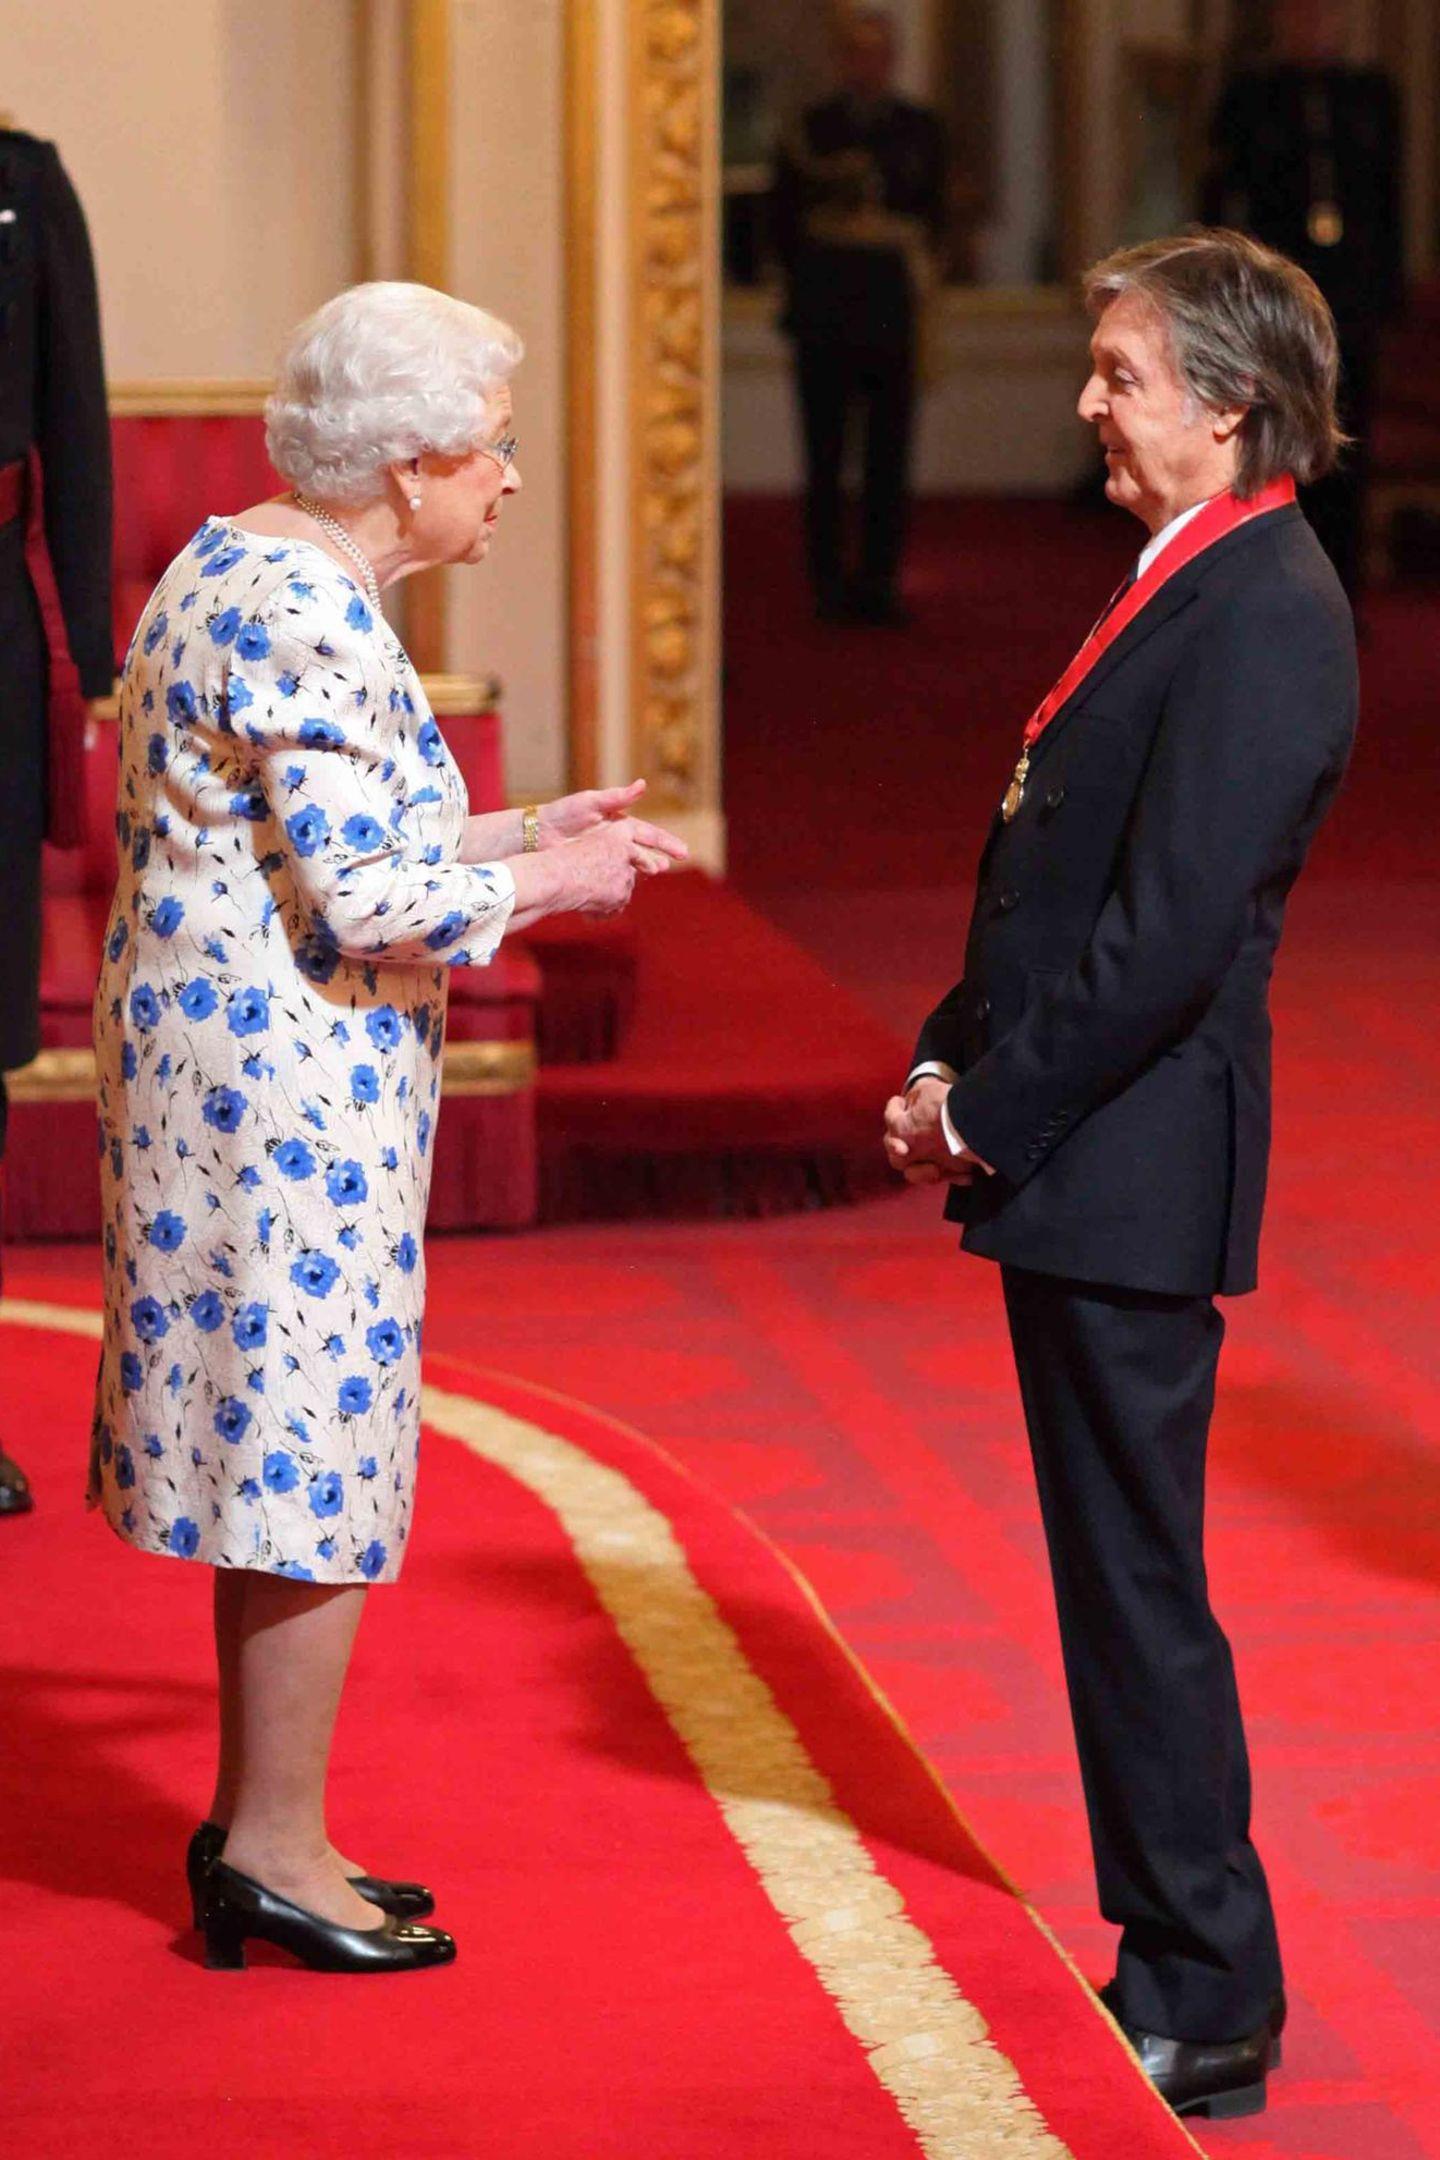 """2018: Paul McCartney hatErfahrung darin, vor der Queen zu stehen.Der ehemalige Beatle wurdevon ihr 1997 zum Ritter geschlagen, nun wird er inOrden """"Companions of Honour"""" aufgenommen, den George V. begründet hat. Die Autorin J.K. Rowling und der FilmerDavid Attenborough sind andere Promimente, die zu den Mitgliedern zählen."""